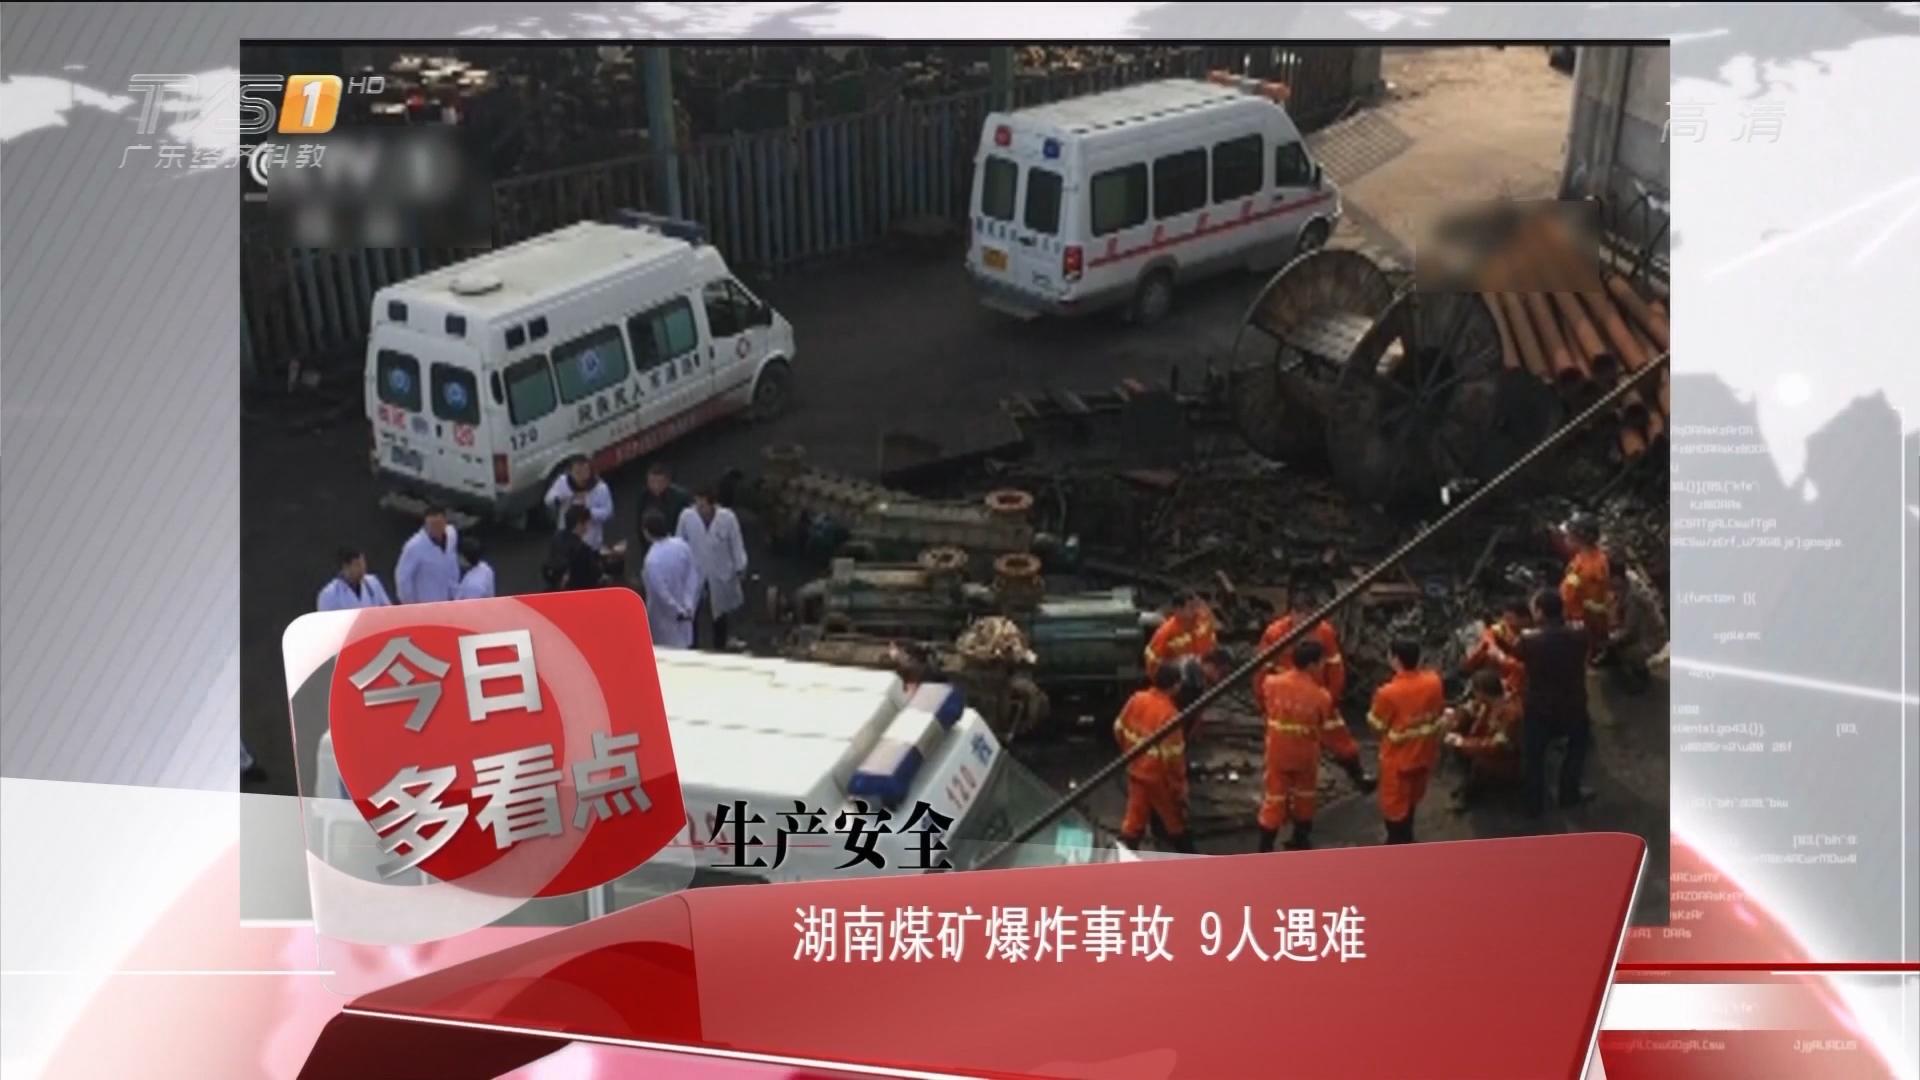 生产安全:湖南煤矿爆炸事故 9人遇难